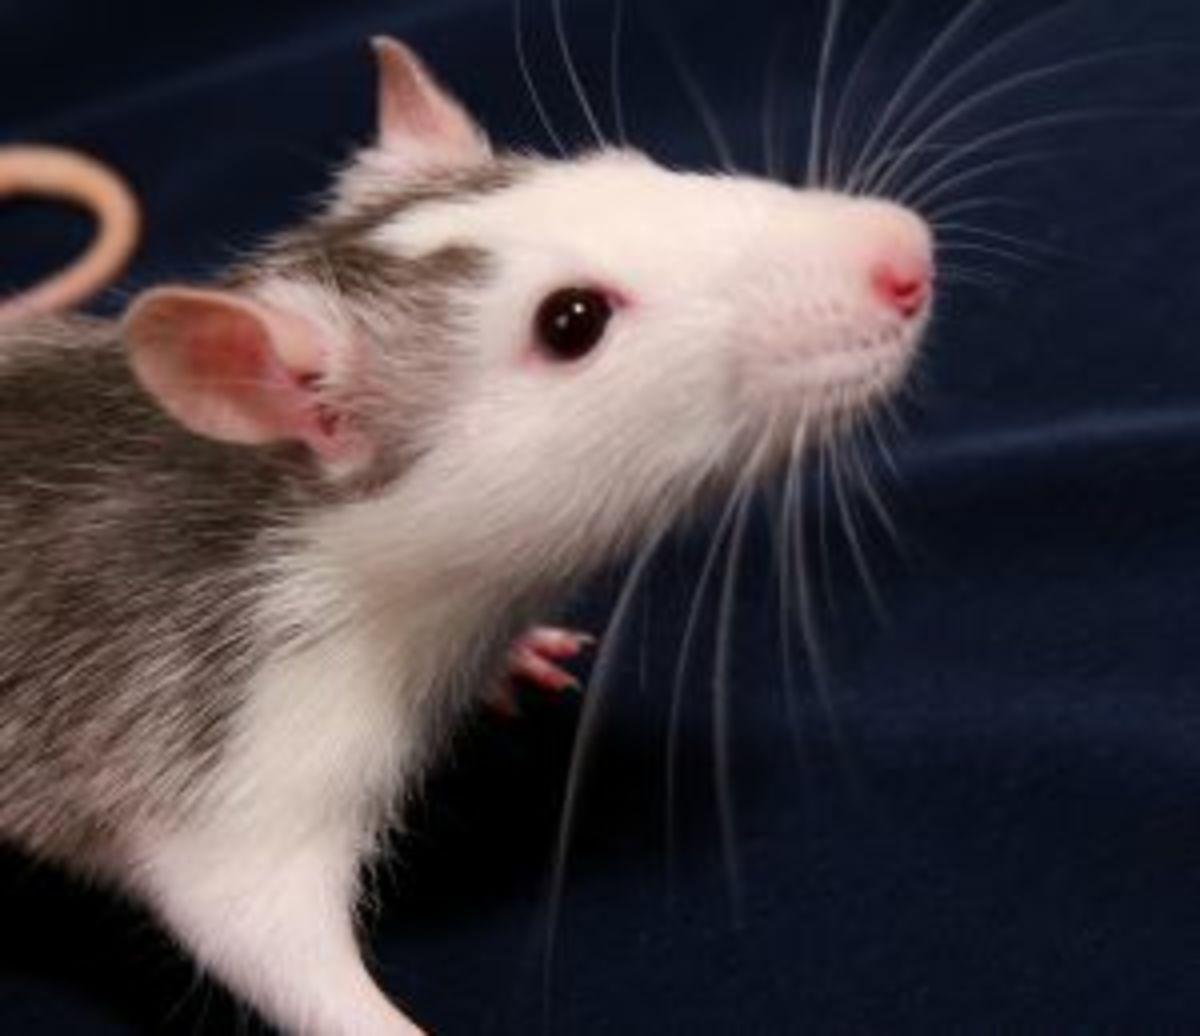 Common Breeder Rat Species, the Norfolk Rat.